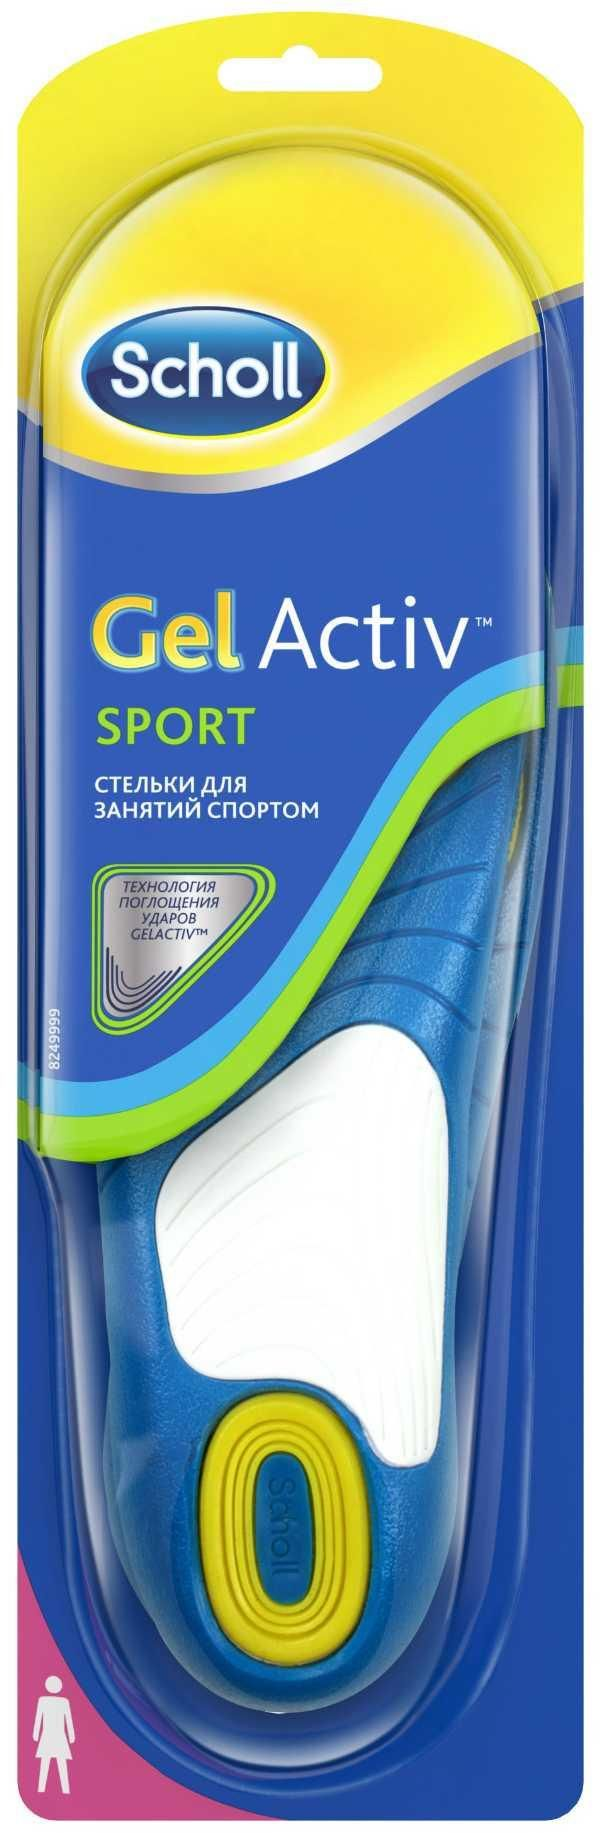 фото упаковки Scholl GelActiv стельки для занятий спортом женские